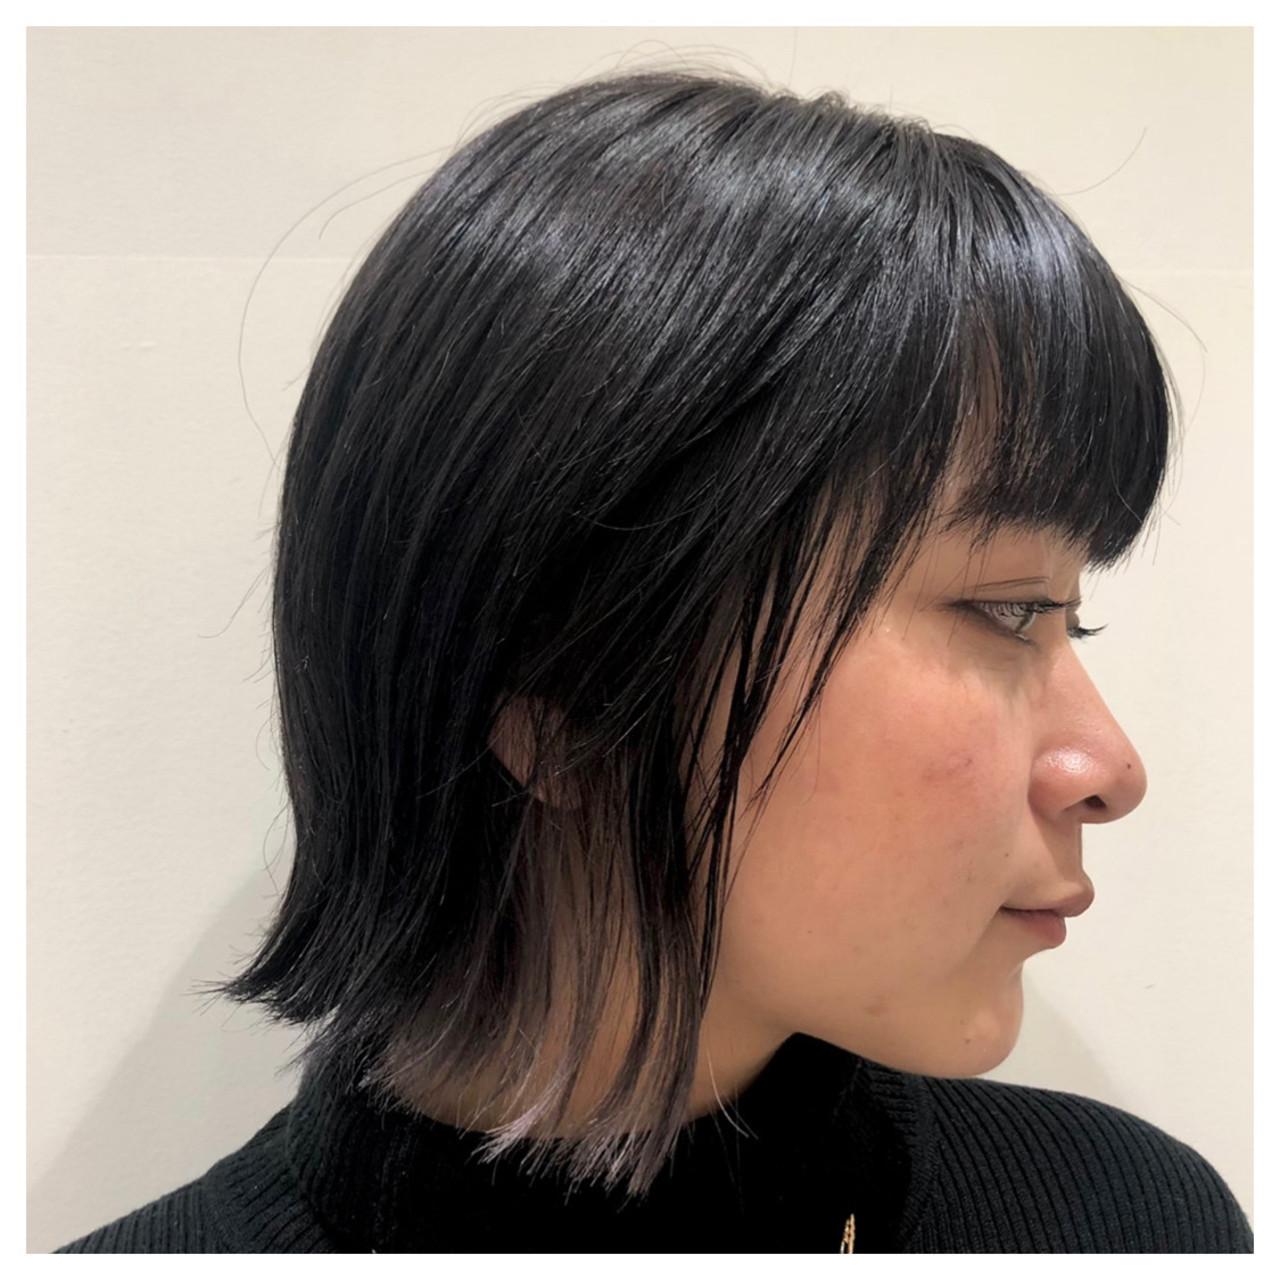 インナーカラーシルバー ボブ ナチュラル ポイントカラー ヘアスタイルや髪型の写真・画像